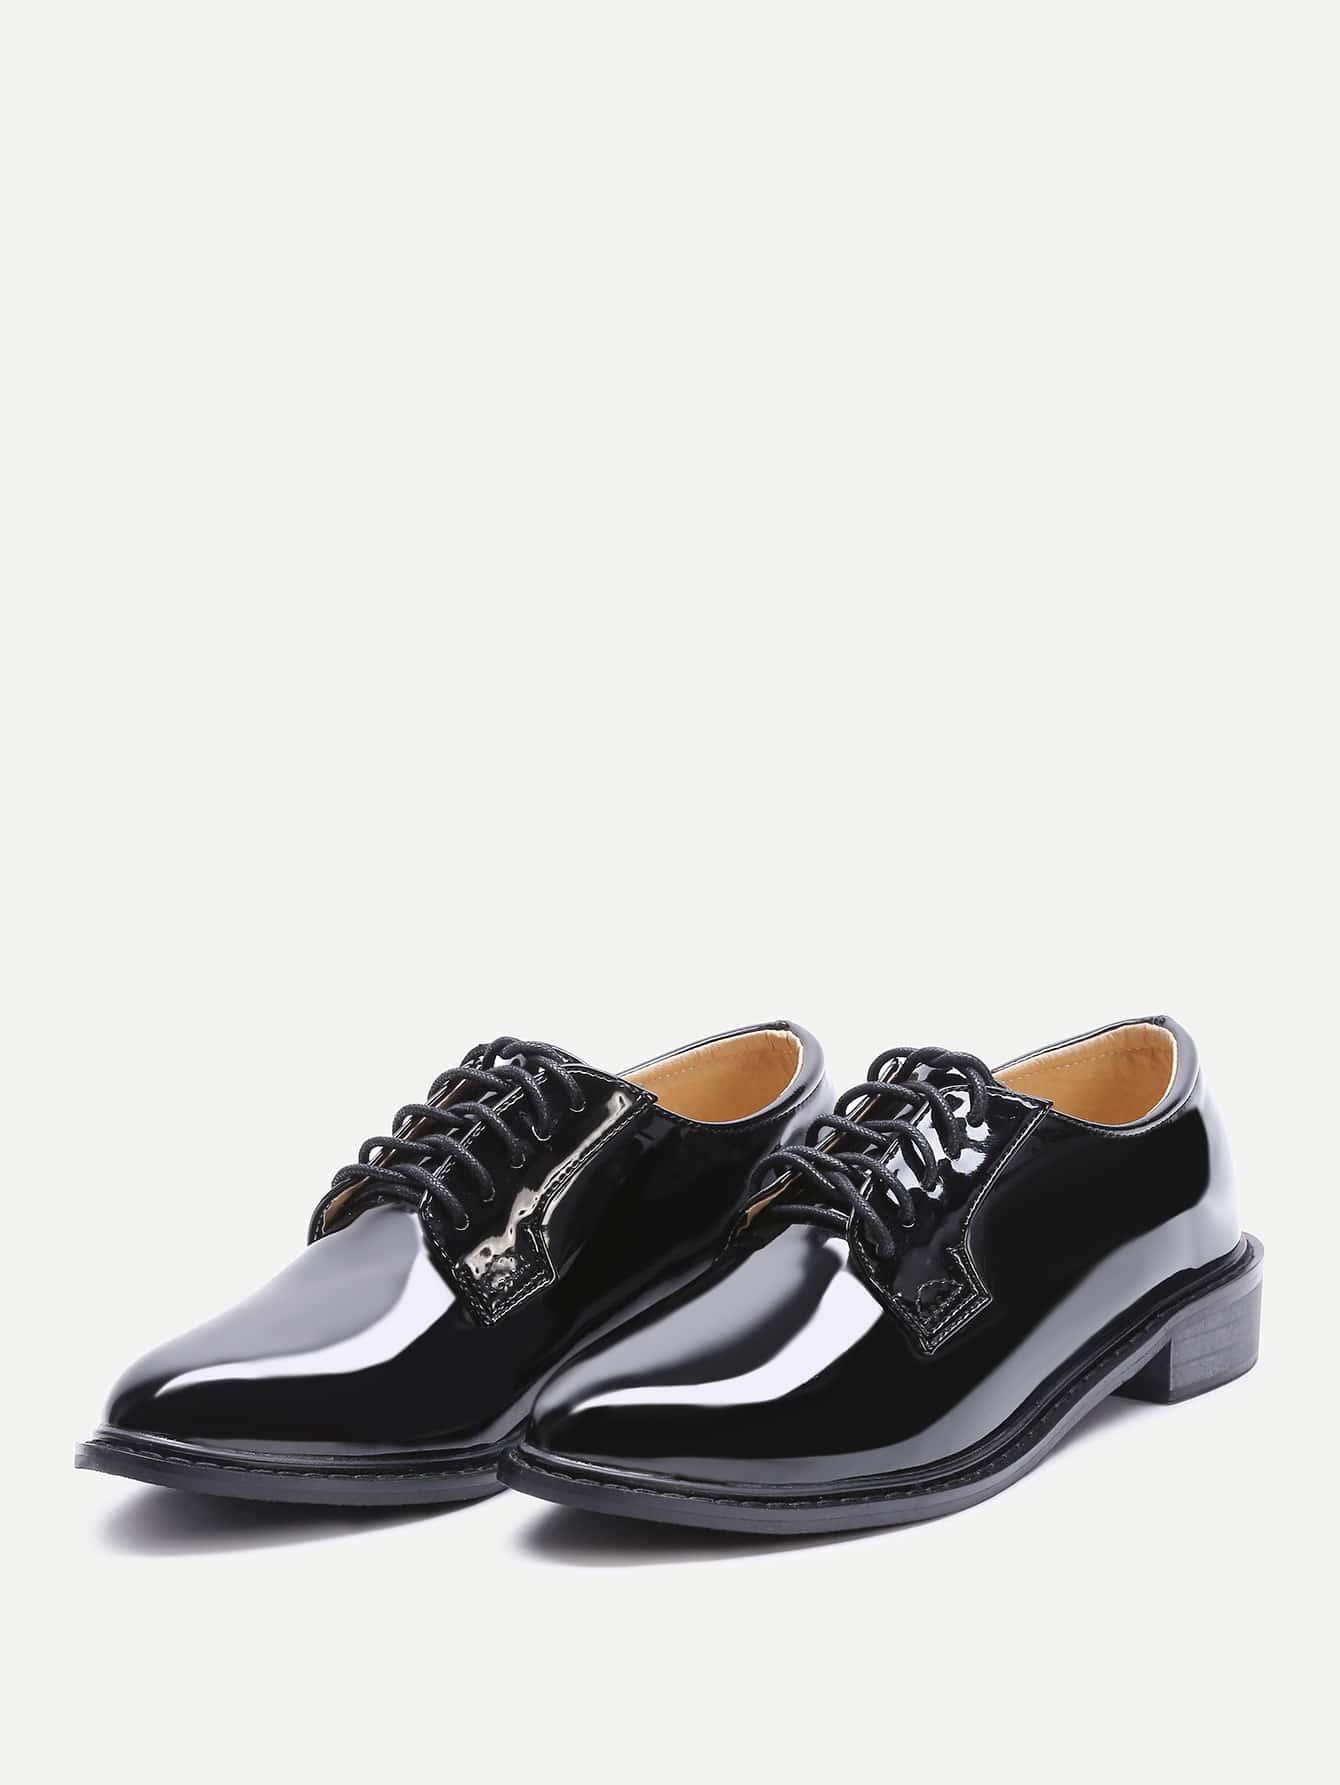 shoes170209807_2